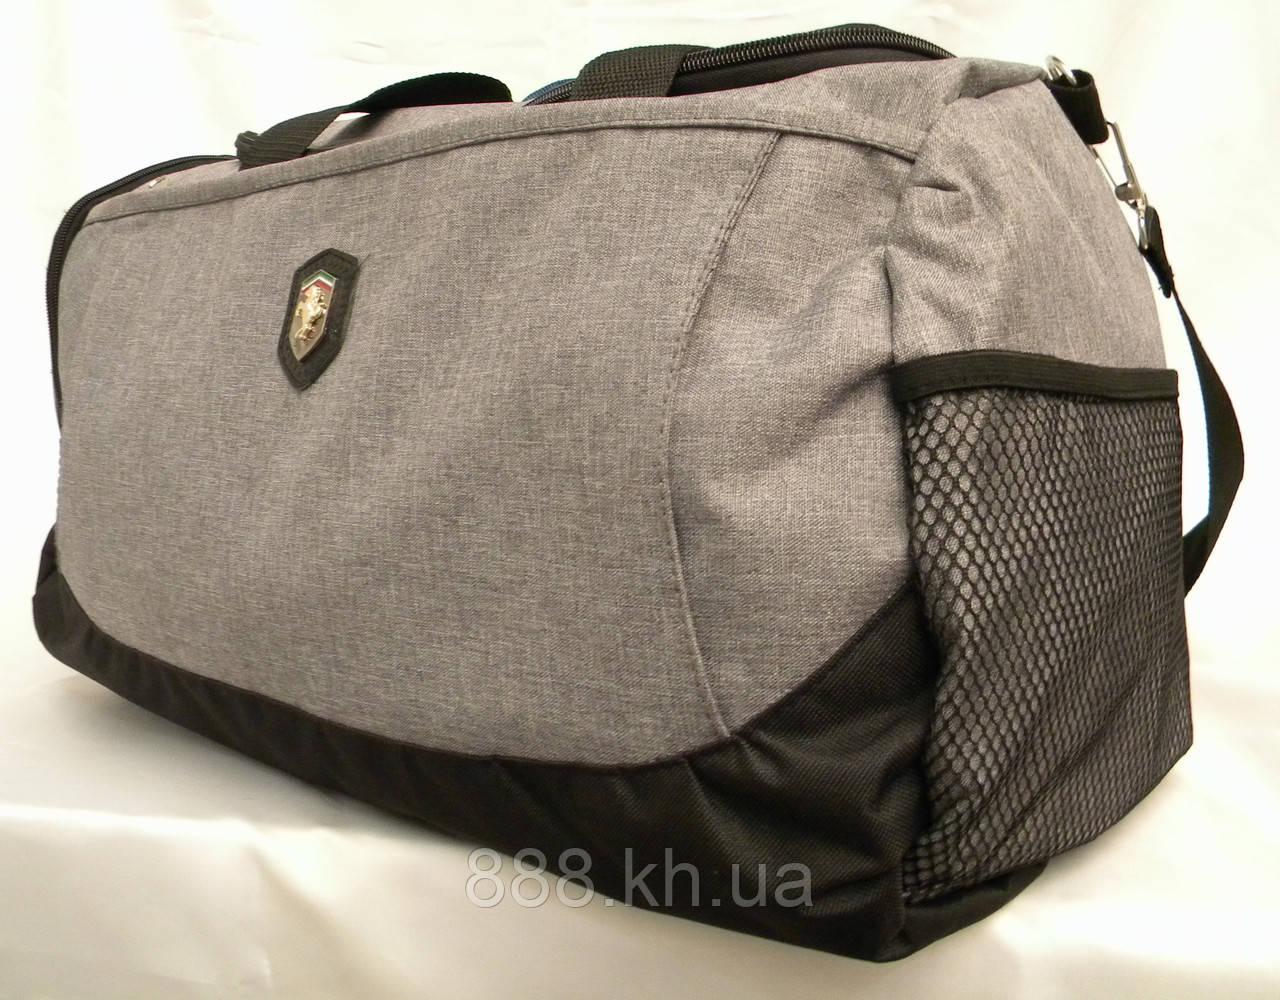 Спортивная сумка, стильная мужская сумка, женская сумка для тренировок, фото 1